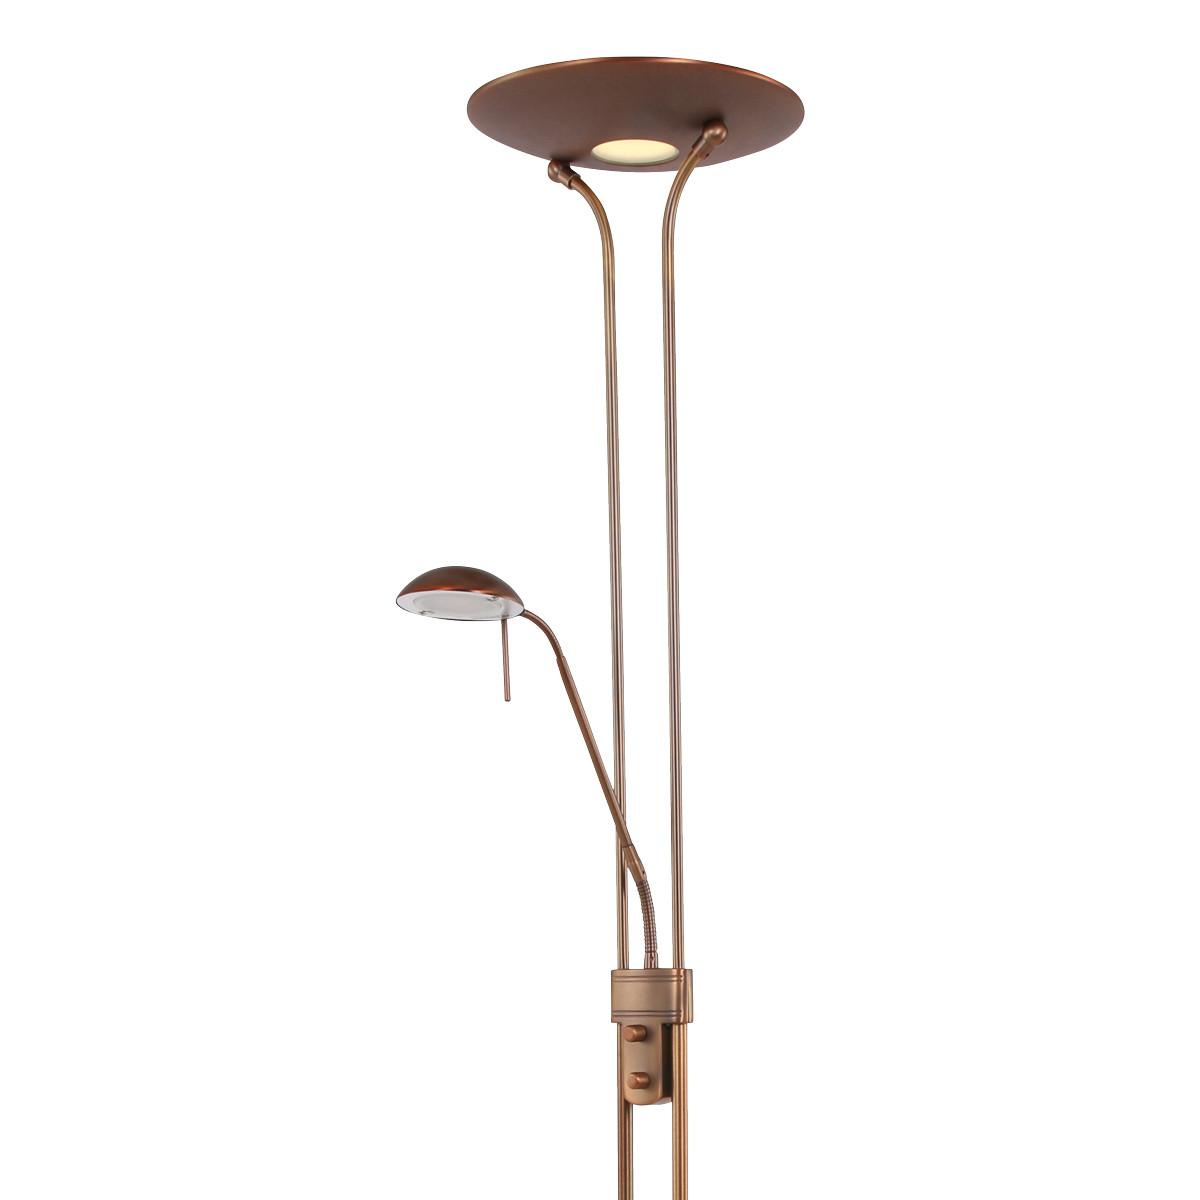 Full Size of Stehlampe Dimmbar Led Lilo Klassische Bronze Wohnzimmer Stehlampen Schlafzimmer Wohnzimmer Stehlampe Dimmbar